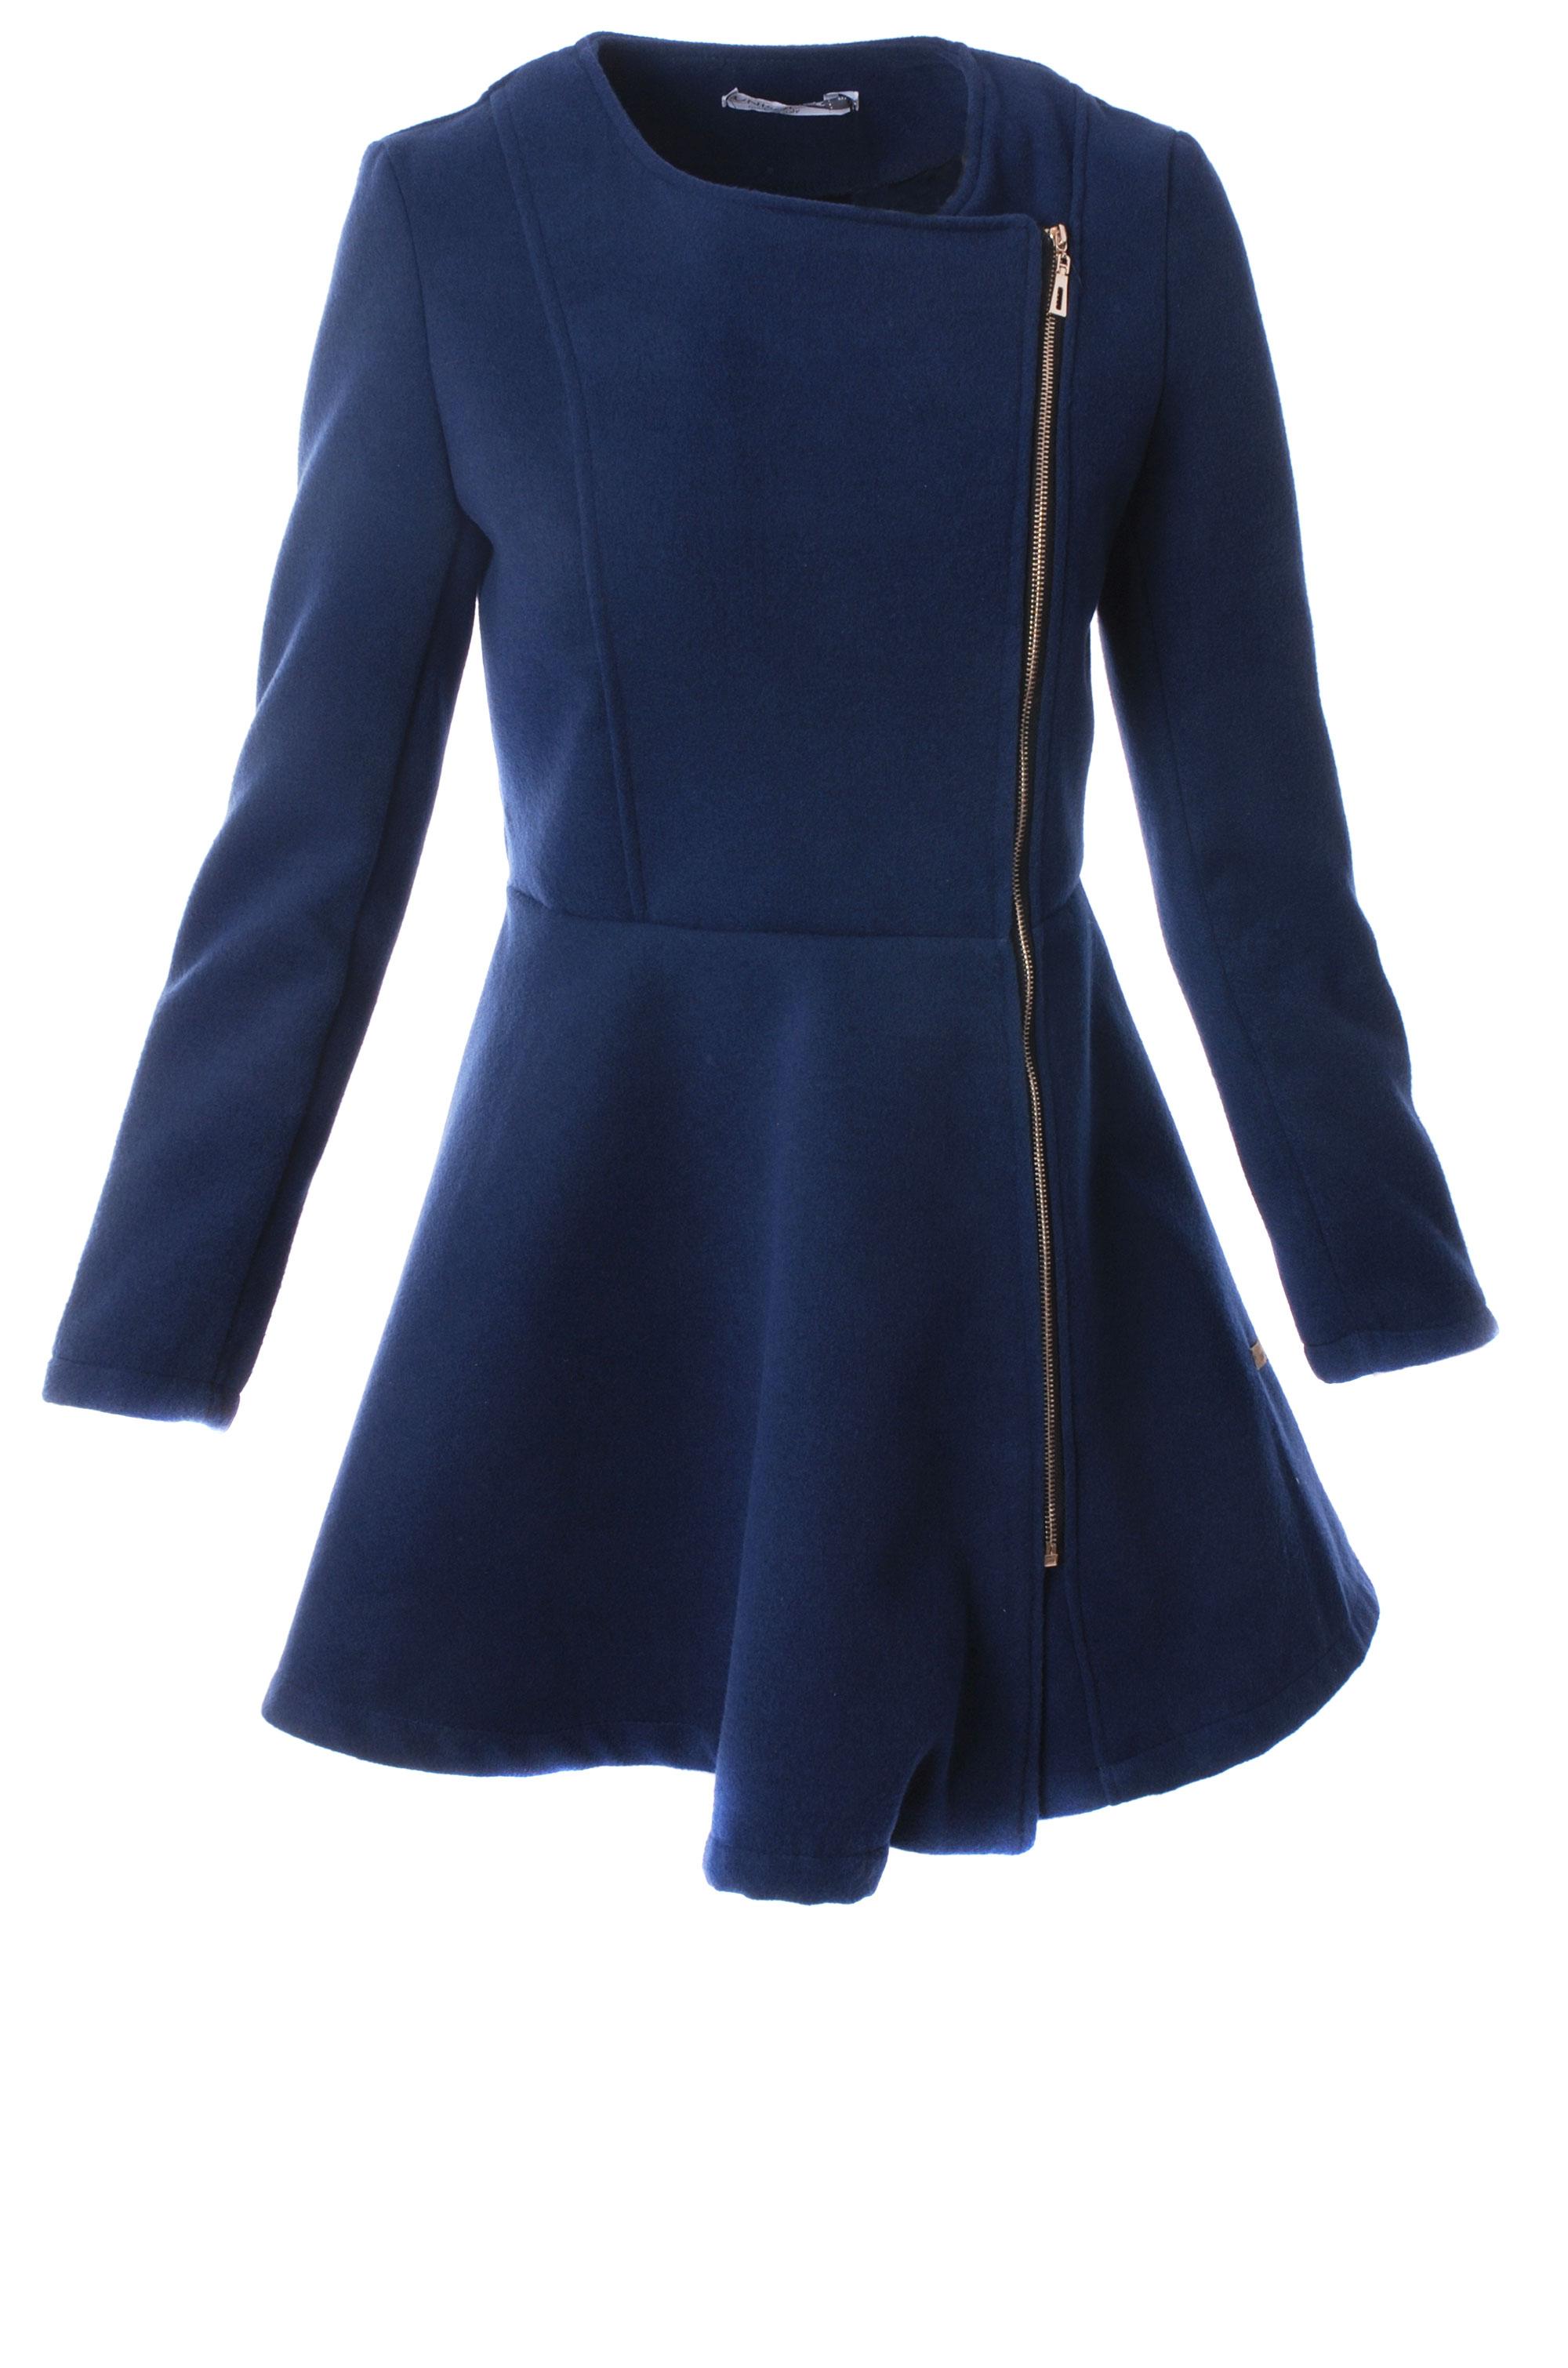 Płaszcz materiałowy - 65-6176 BL SC - Unisono